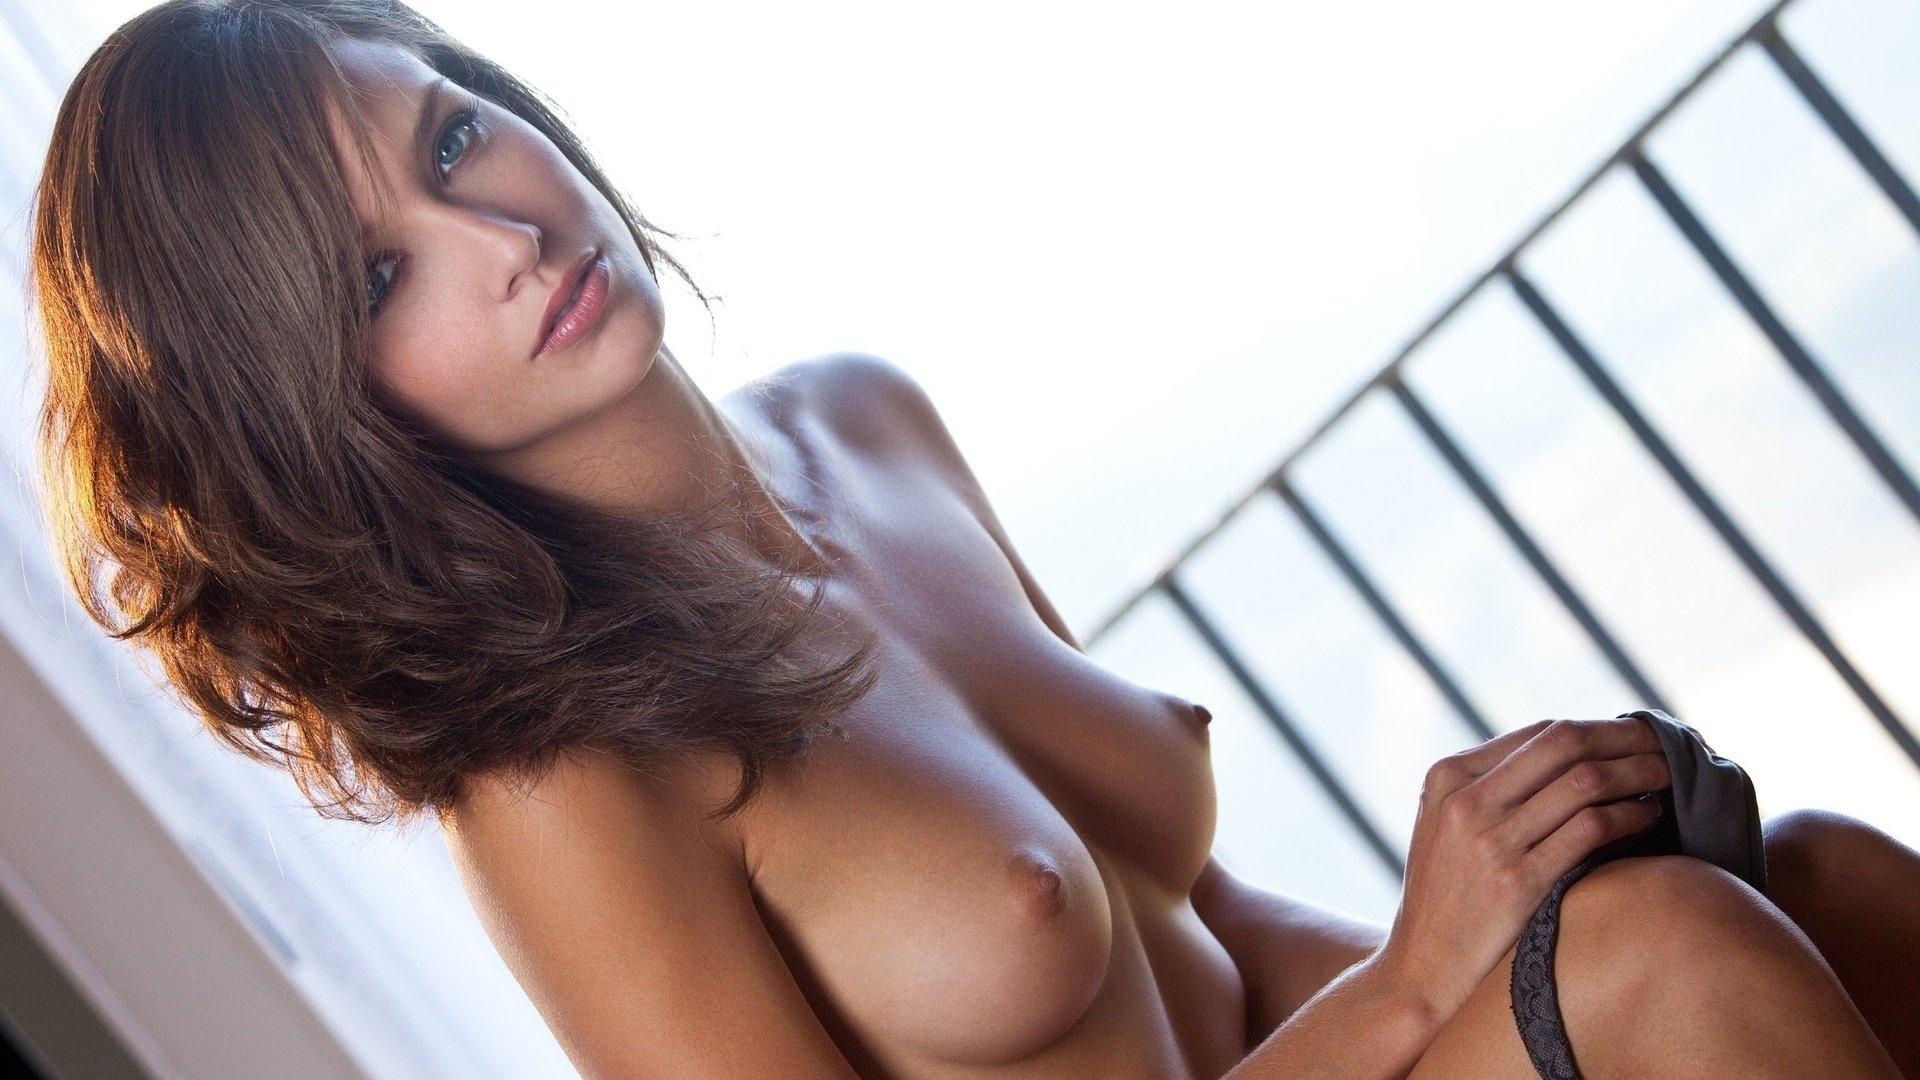 Самая сексуальная маленькая грудь 5 фотография